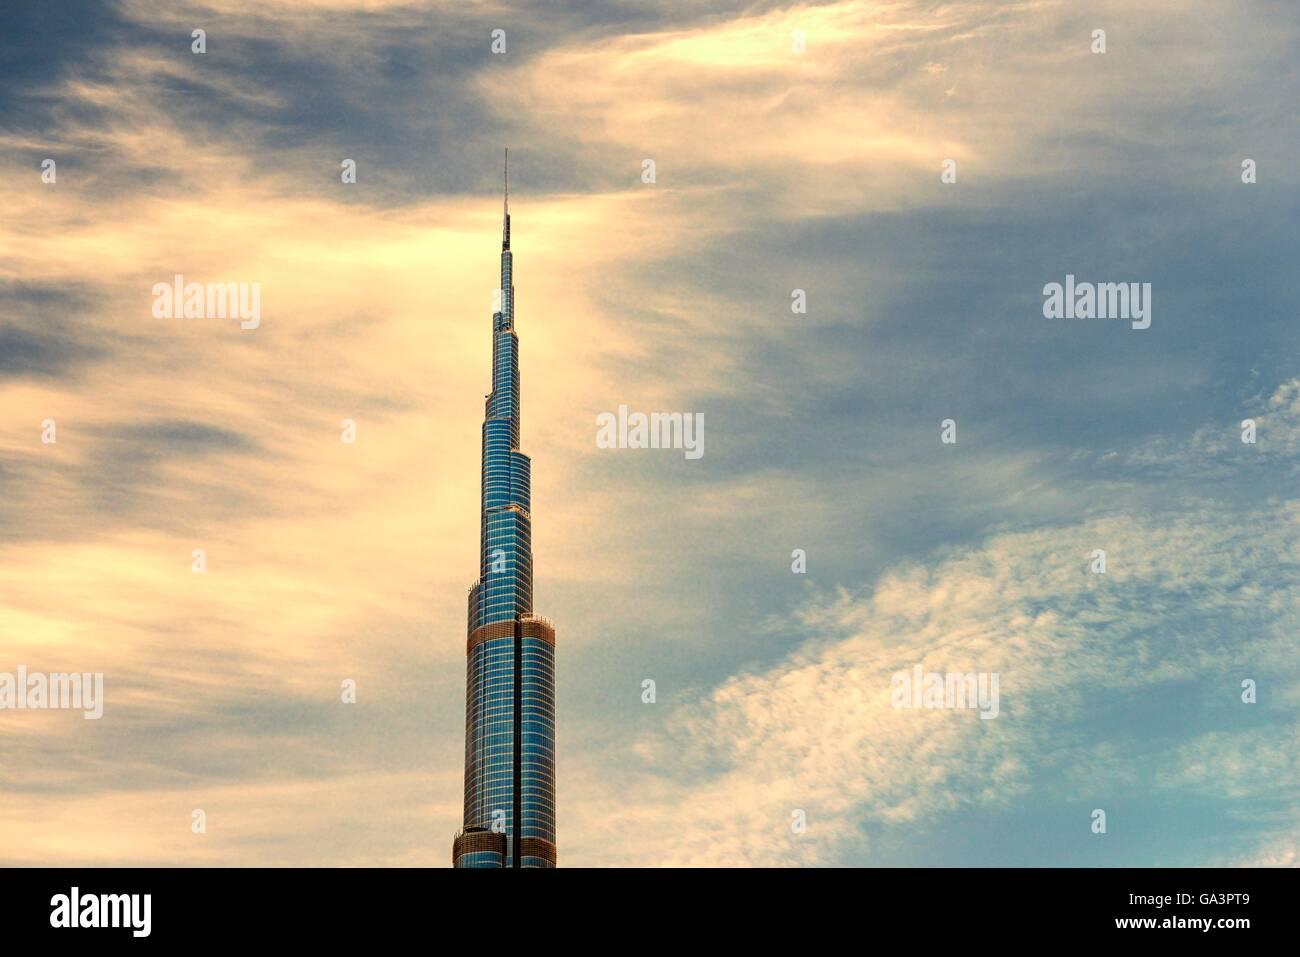 Il Burj Khalifa aka Khalifa Tower, Burj Dubai. città di Dubai, Emirati arabi uniti. mondiali di edificio più alto Foto Stock